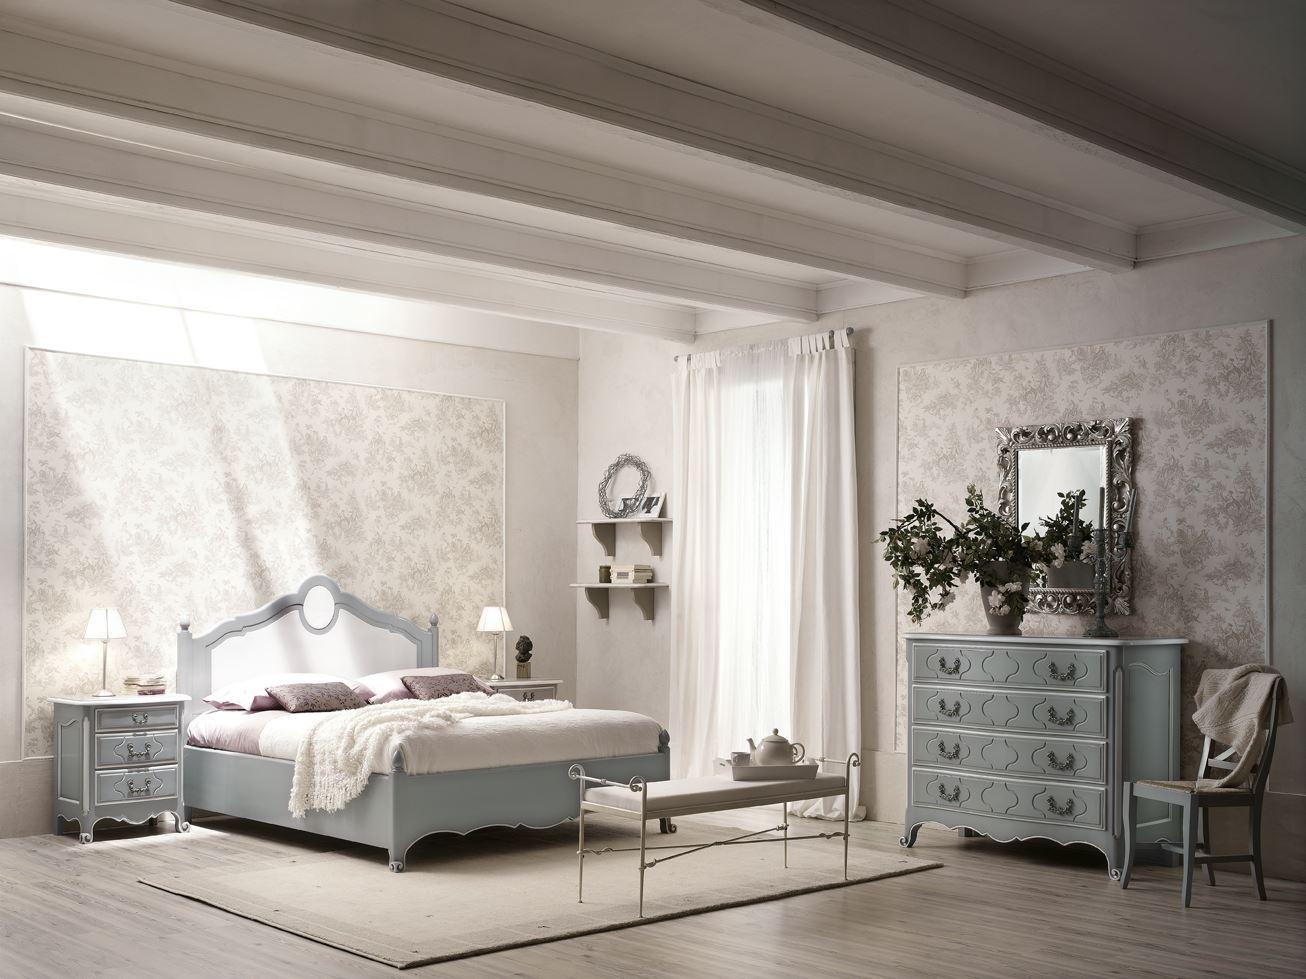 غرف نوم حديثة للعرسان مصرية